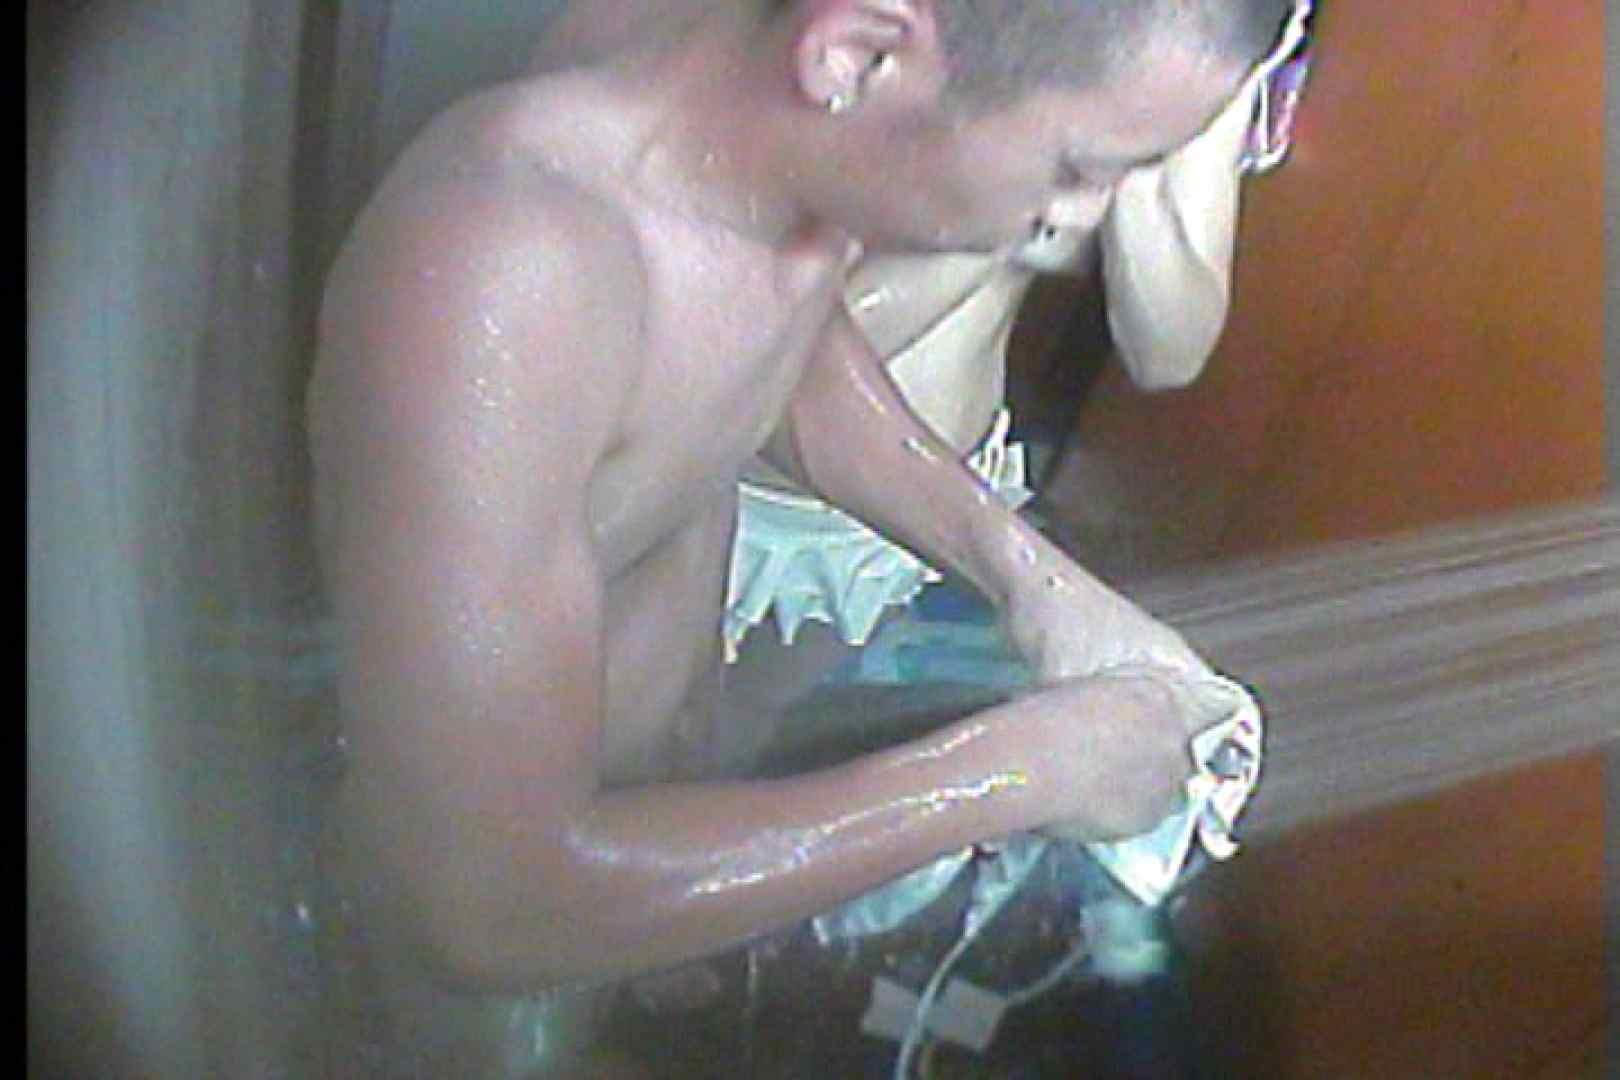 海の家の更衣室 Vol.54 美女 AV無料動画キャプチャ 80画像 53